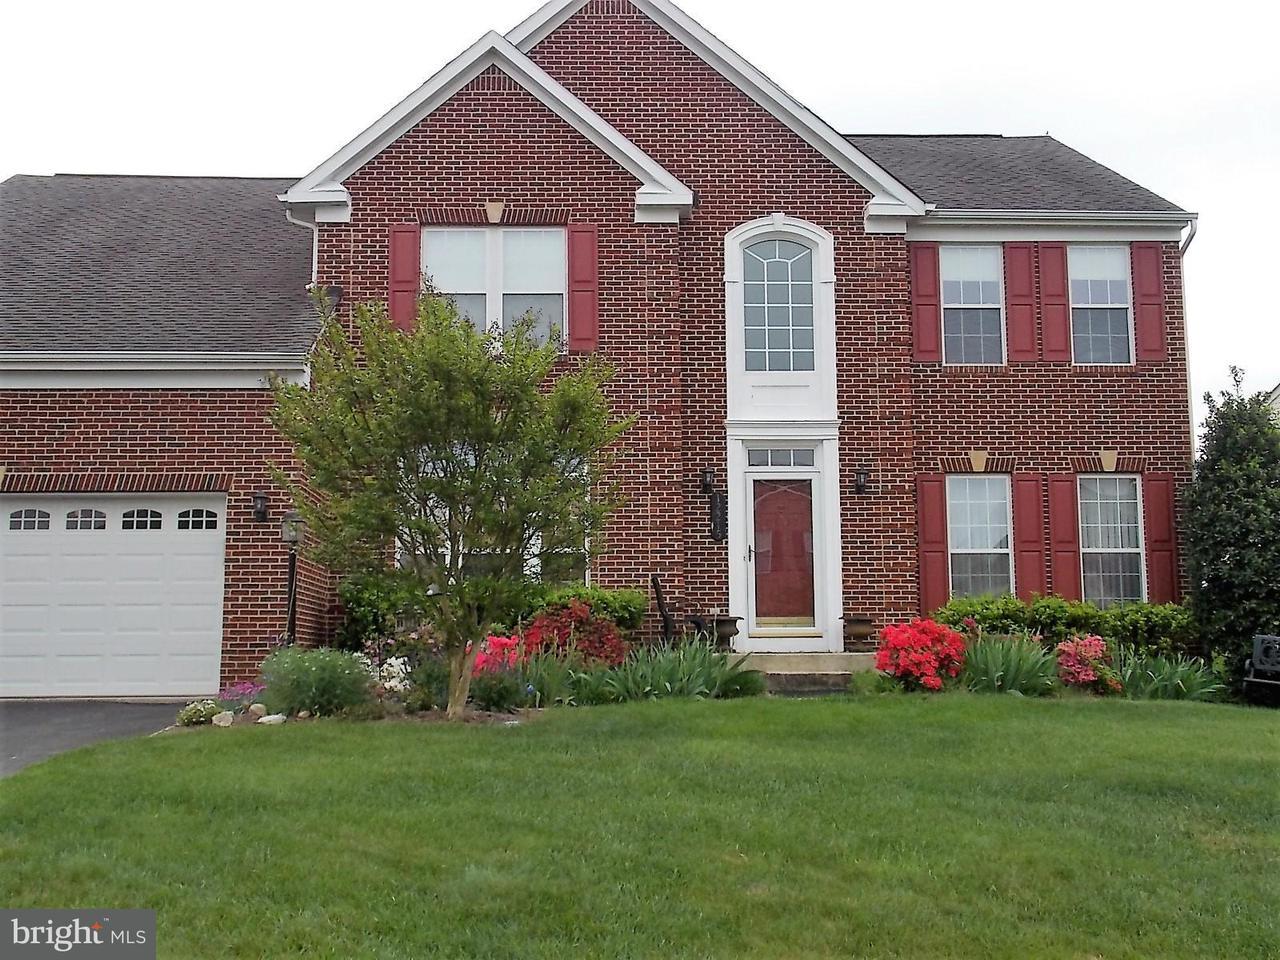 Μονοκατοικία για την Πώληση στο 12215 TORREY PINES TER 12215 TORREY PINES TER Beltsville, Μεριλαντ 20705 Ηνωμενεσ Πολιτειεσ